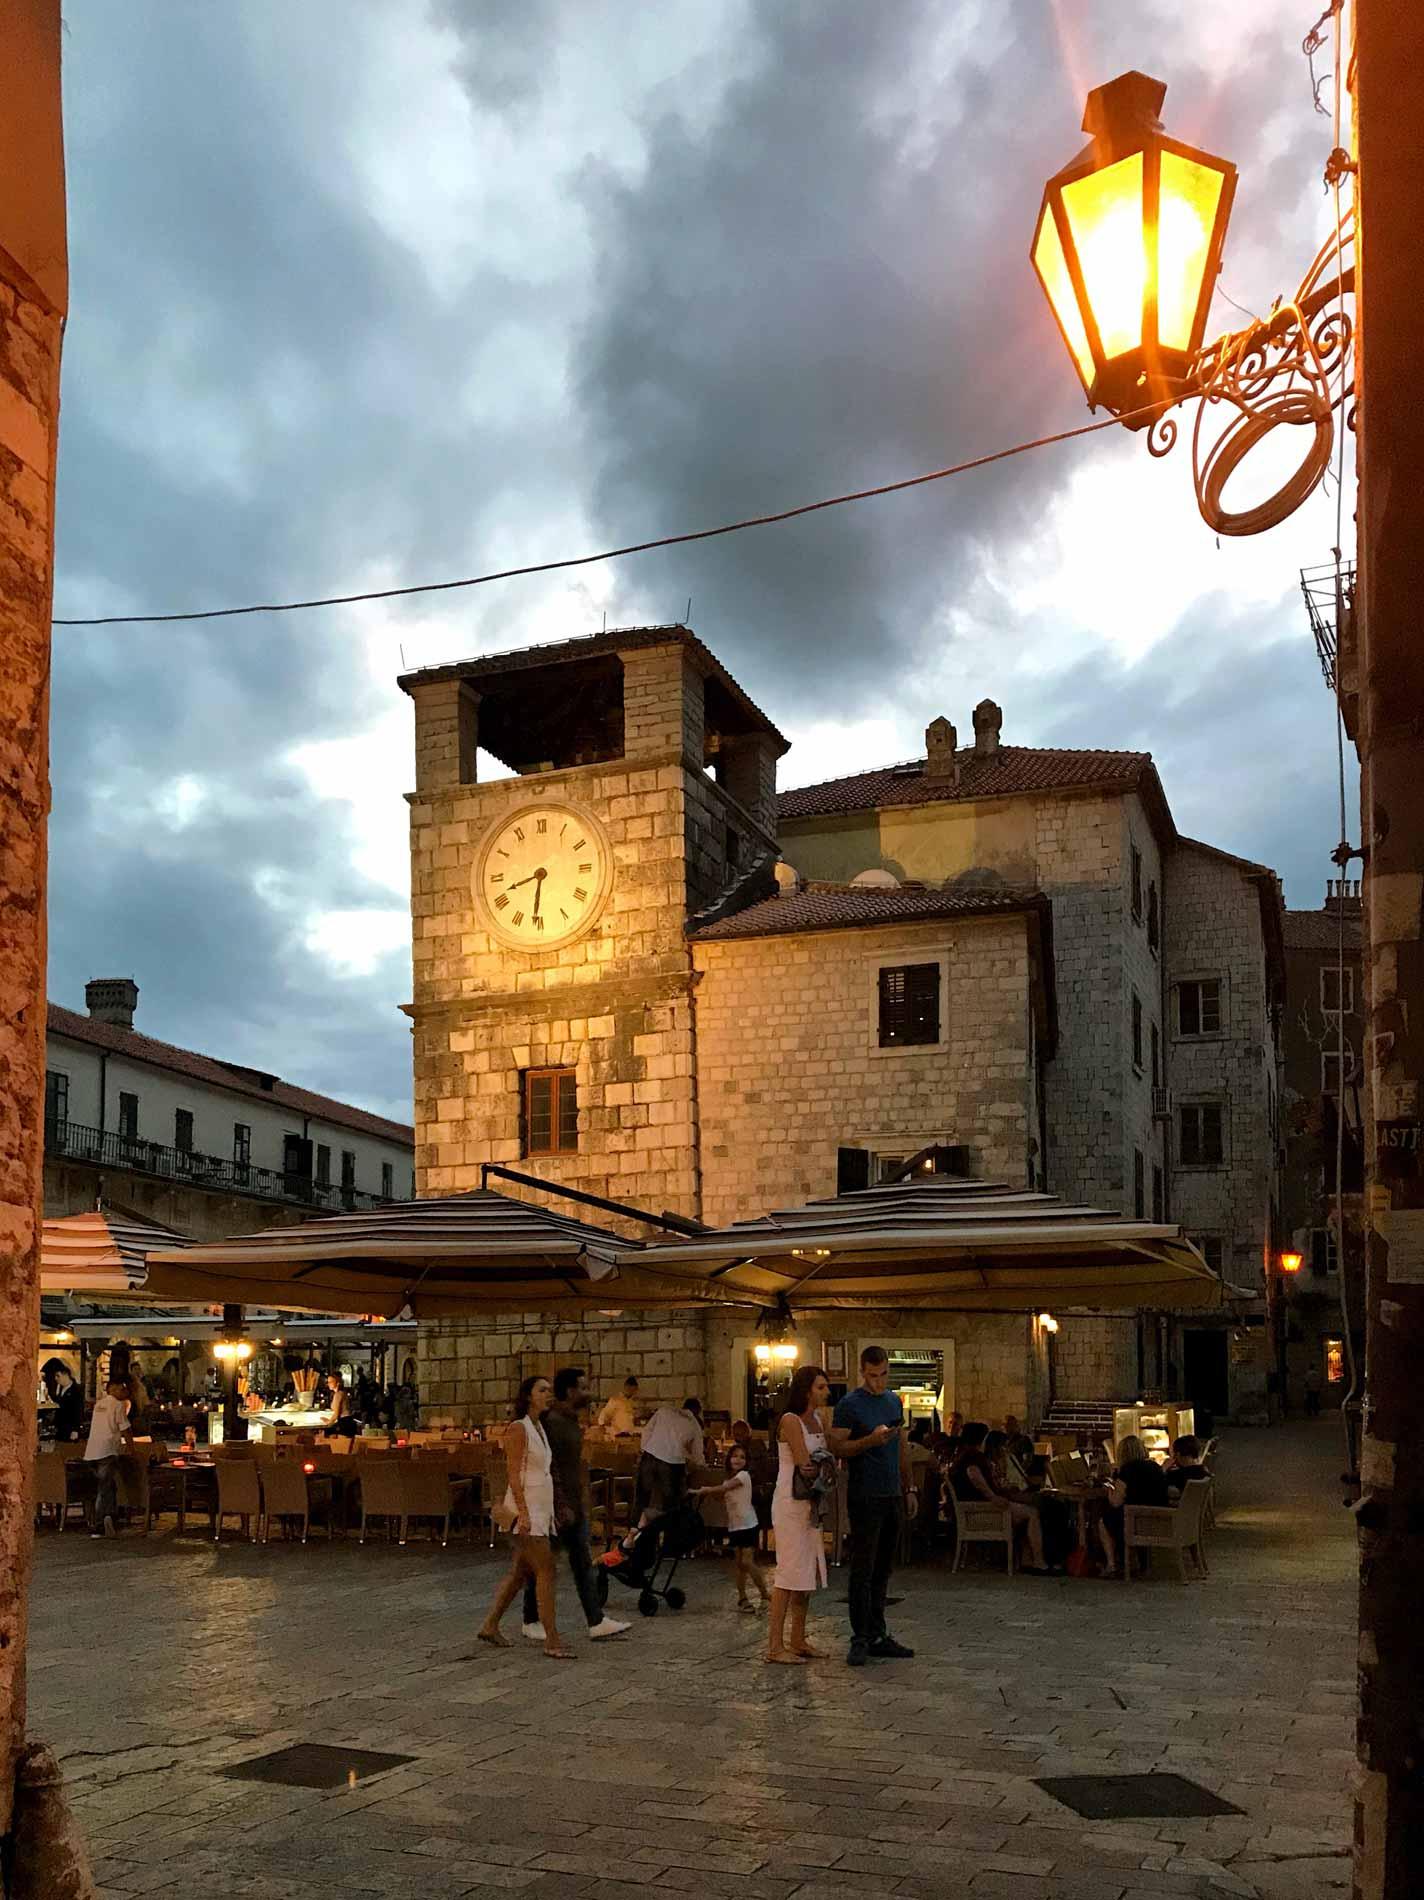 Kotor-Montenegro-Piazza-dArmi-Torre-dellOrologio-lampione-acceso